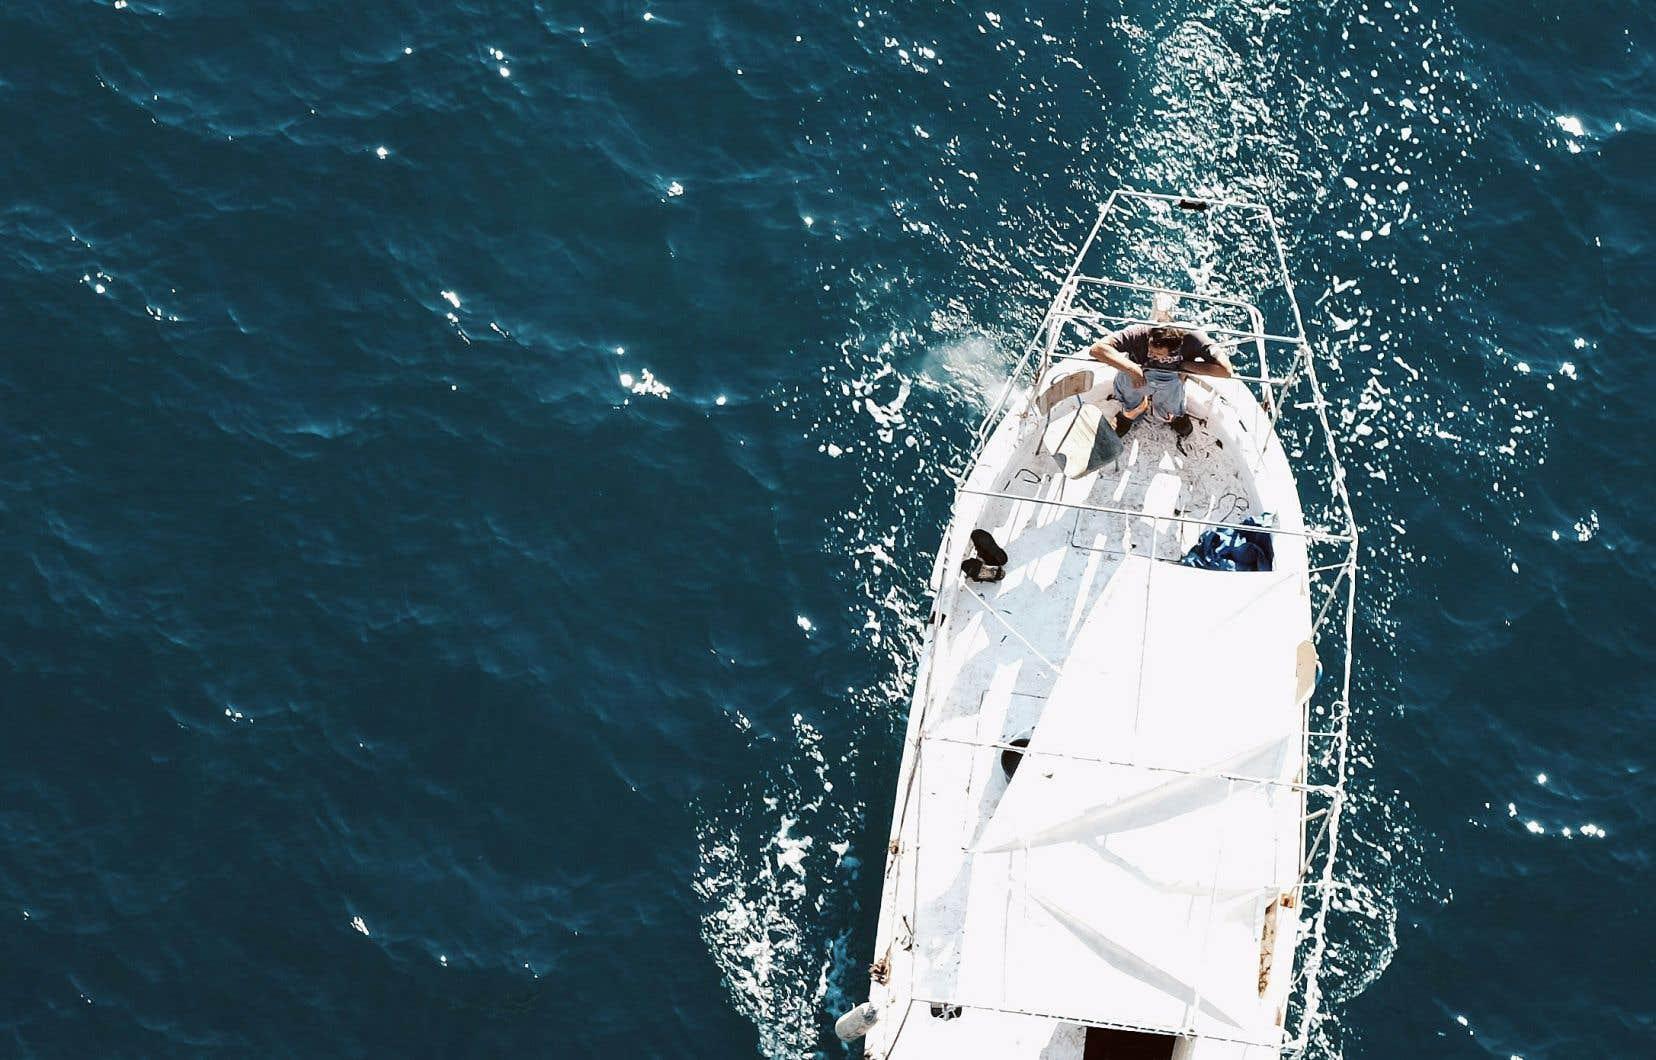 Marin lui-même, Yann Queffélec a pris la mer un nombre incalculable de fois et est passé tout petit des canots à rame aux voiliers, des baies abritées au grand large.